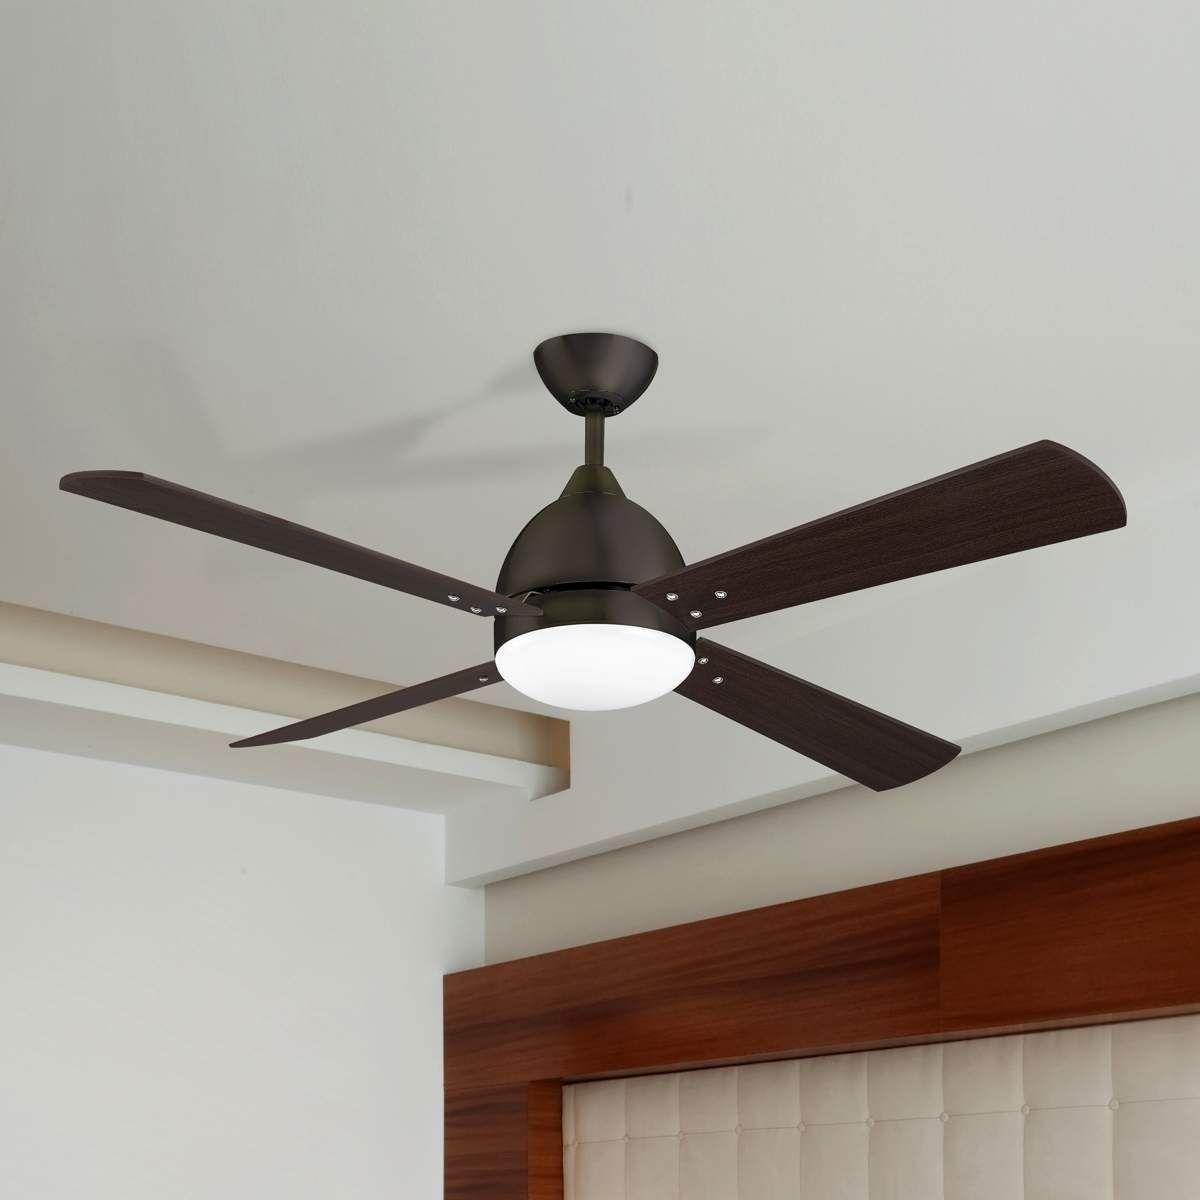 Borneo Moderner Deckenventilator In Braun Deckenventilator Ventilator Und Borneo